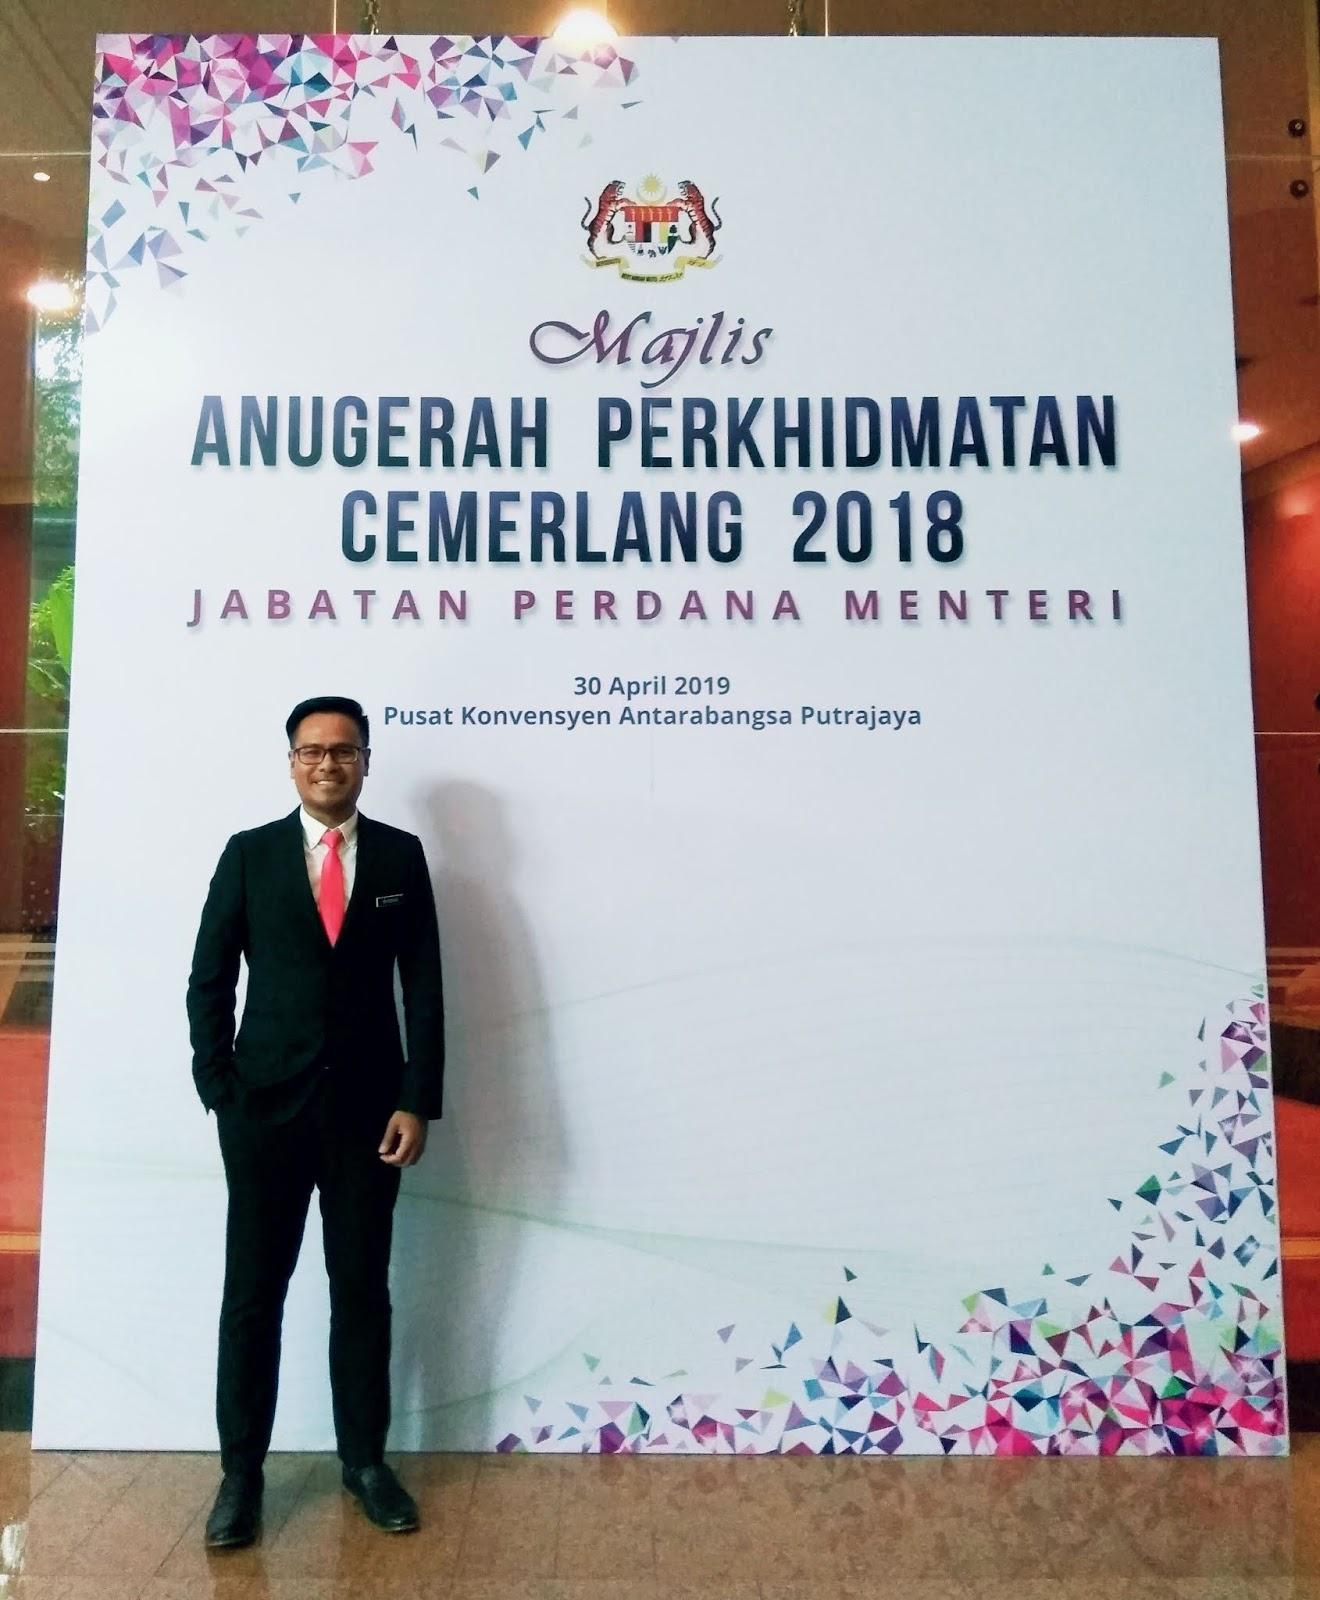 Cerita Merepek Meraban Majlis Anugerah Perkhidmatan Cemerlang Apc 2018 Jabatan Perdana Menteri